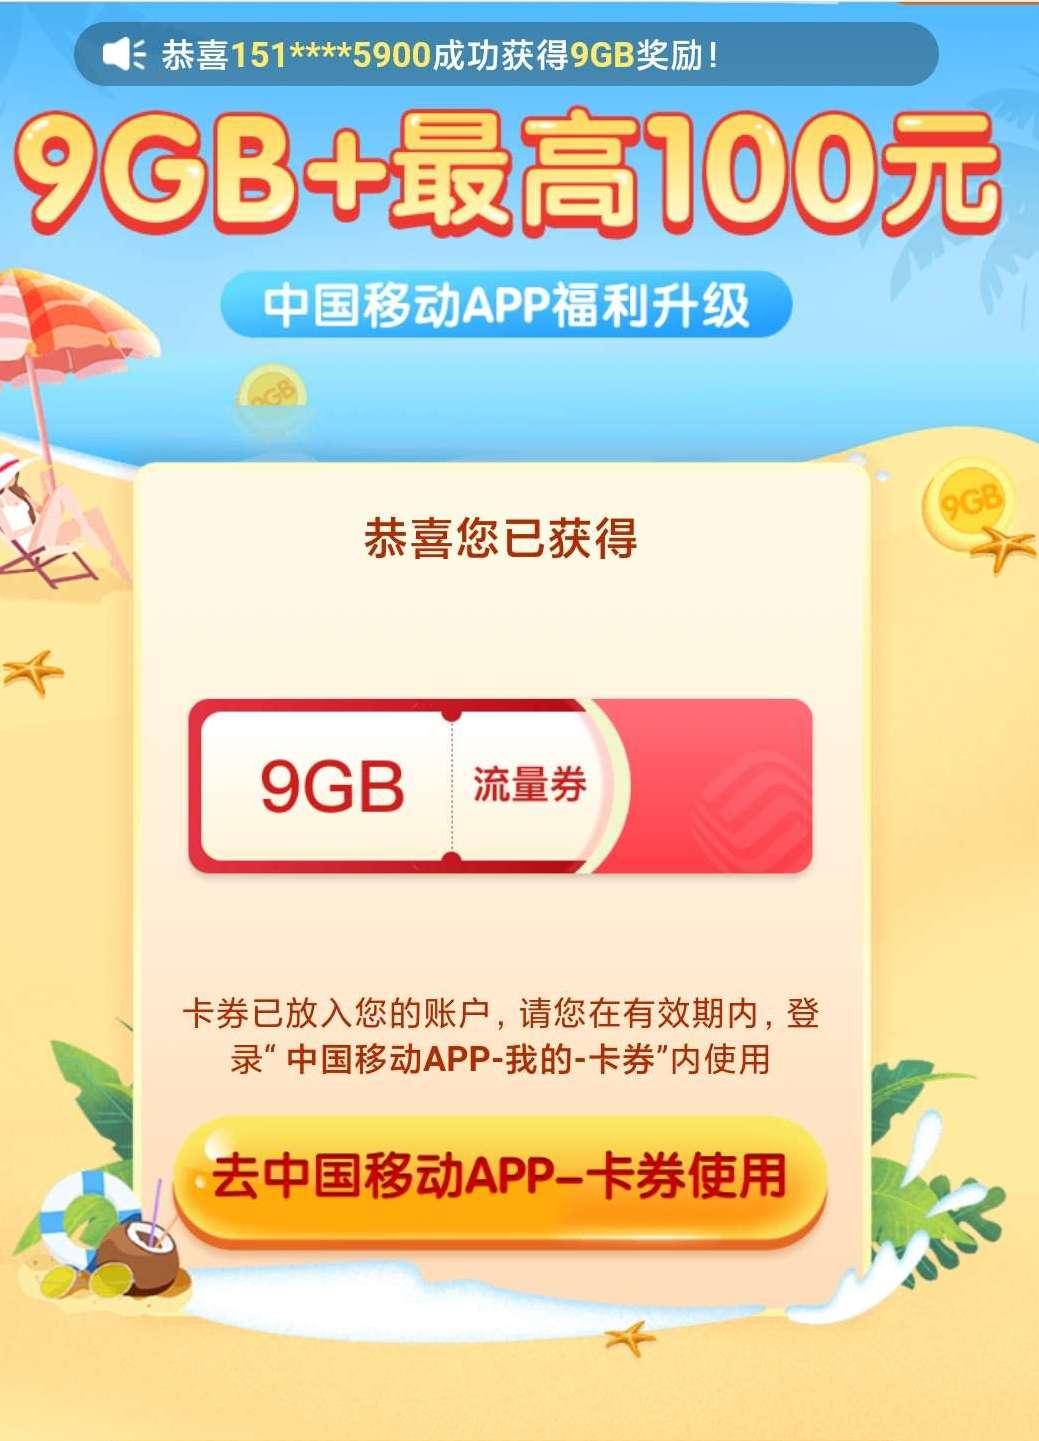 中国移动营业厅新用户免费领9G流量